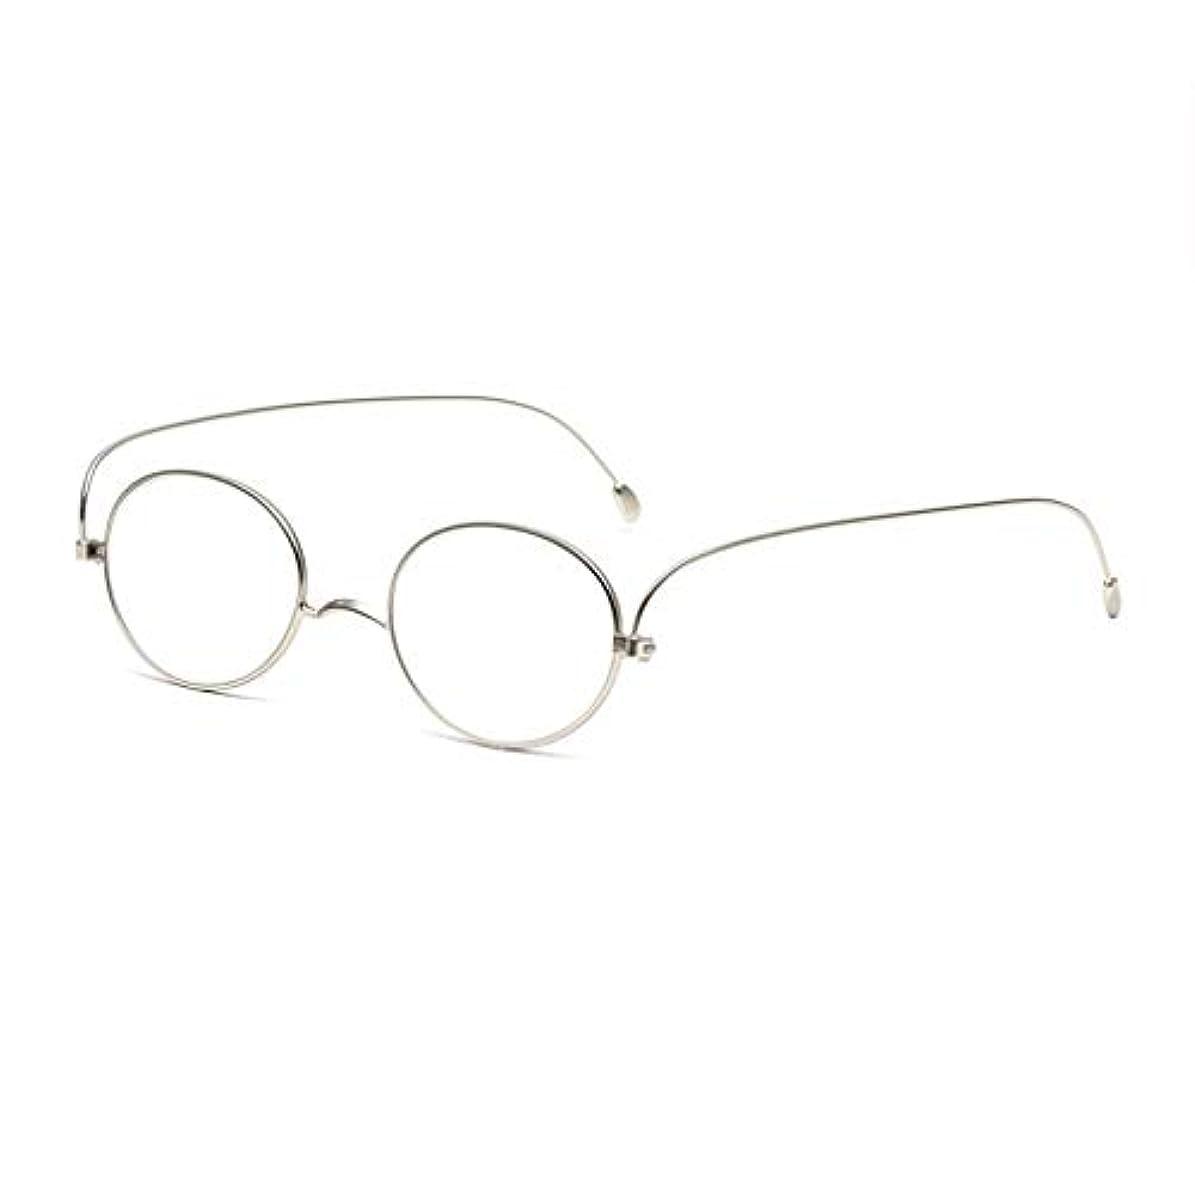 選挙折り目グローLCSHAN 薄くてスタイリッシュなシンプルな抗疲労の男性と女性のHDのためのレトロな老眼鏡 (Color : A, Size : 200 degrees)